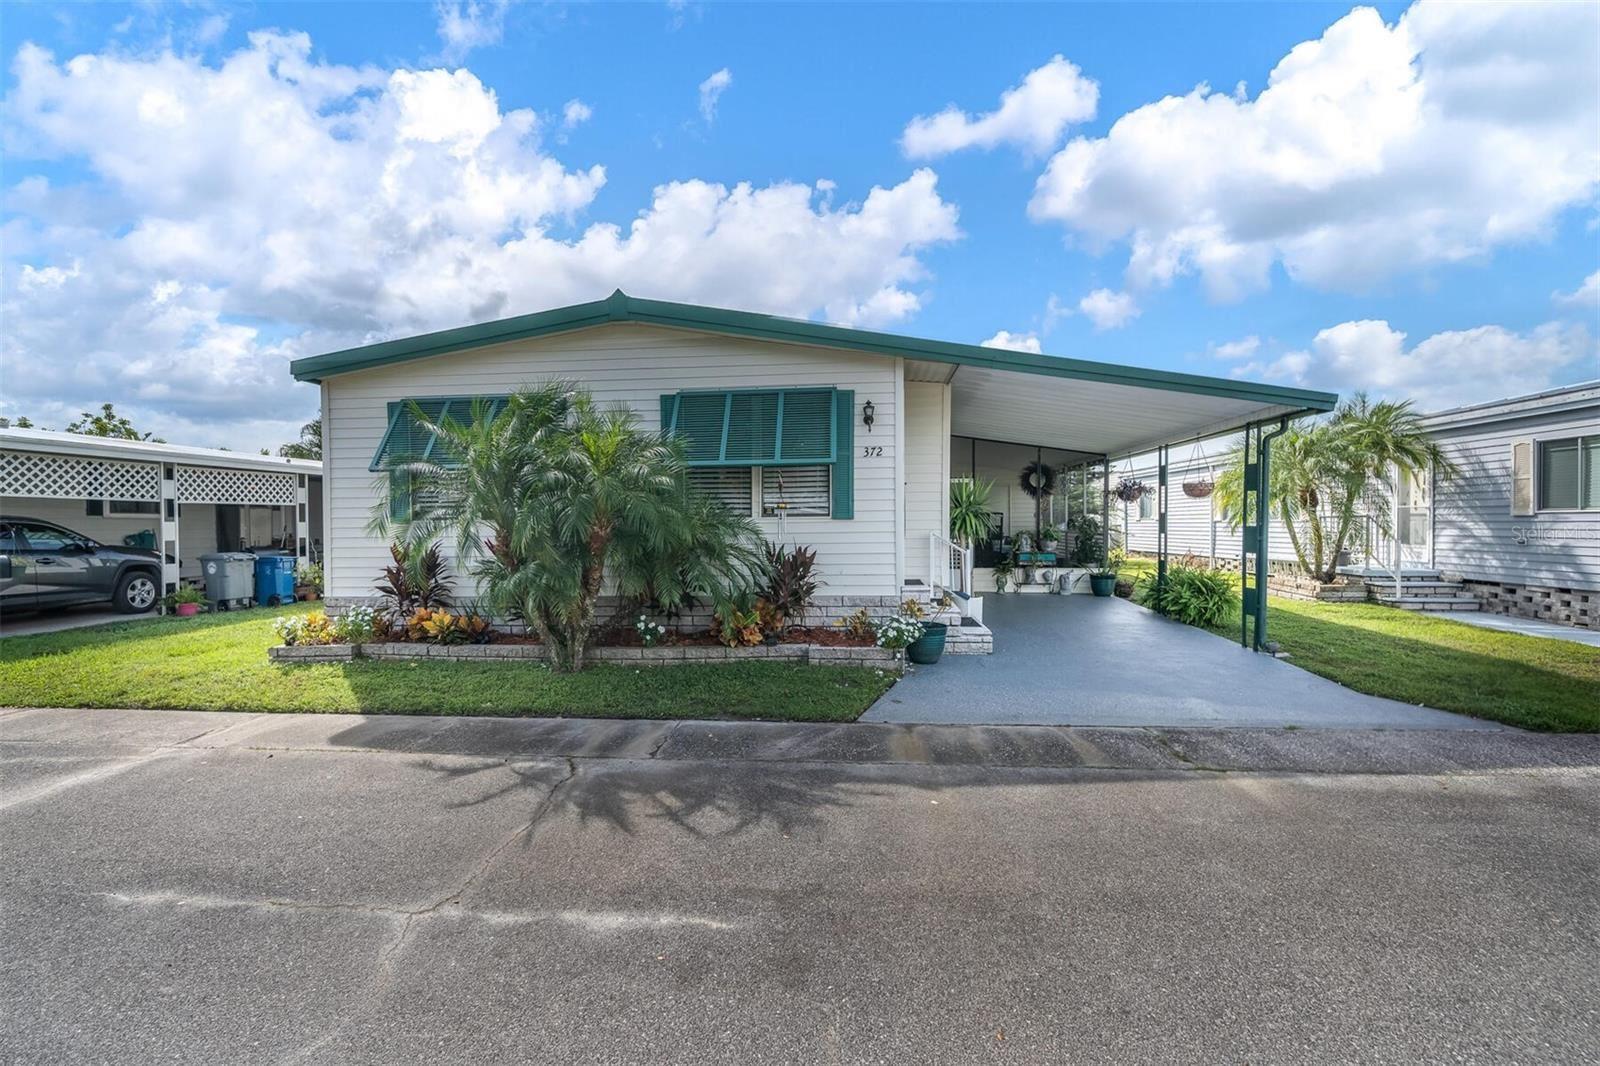 372 COBIA WAY, Oldsmar, FL 34677 - MLS#: T3333764